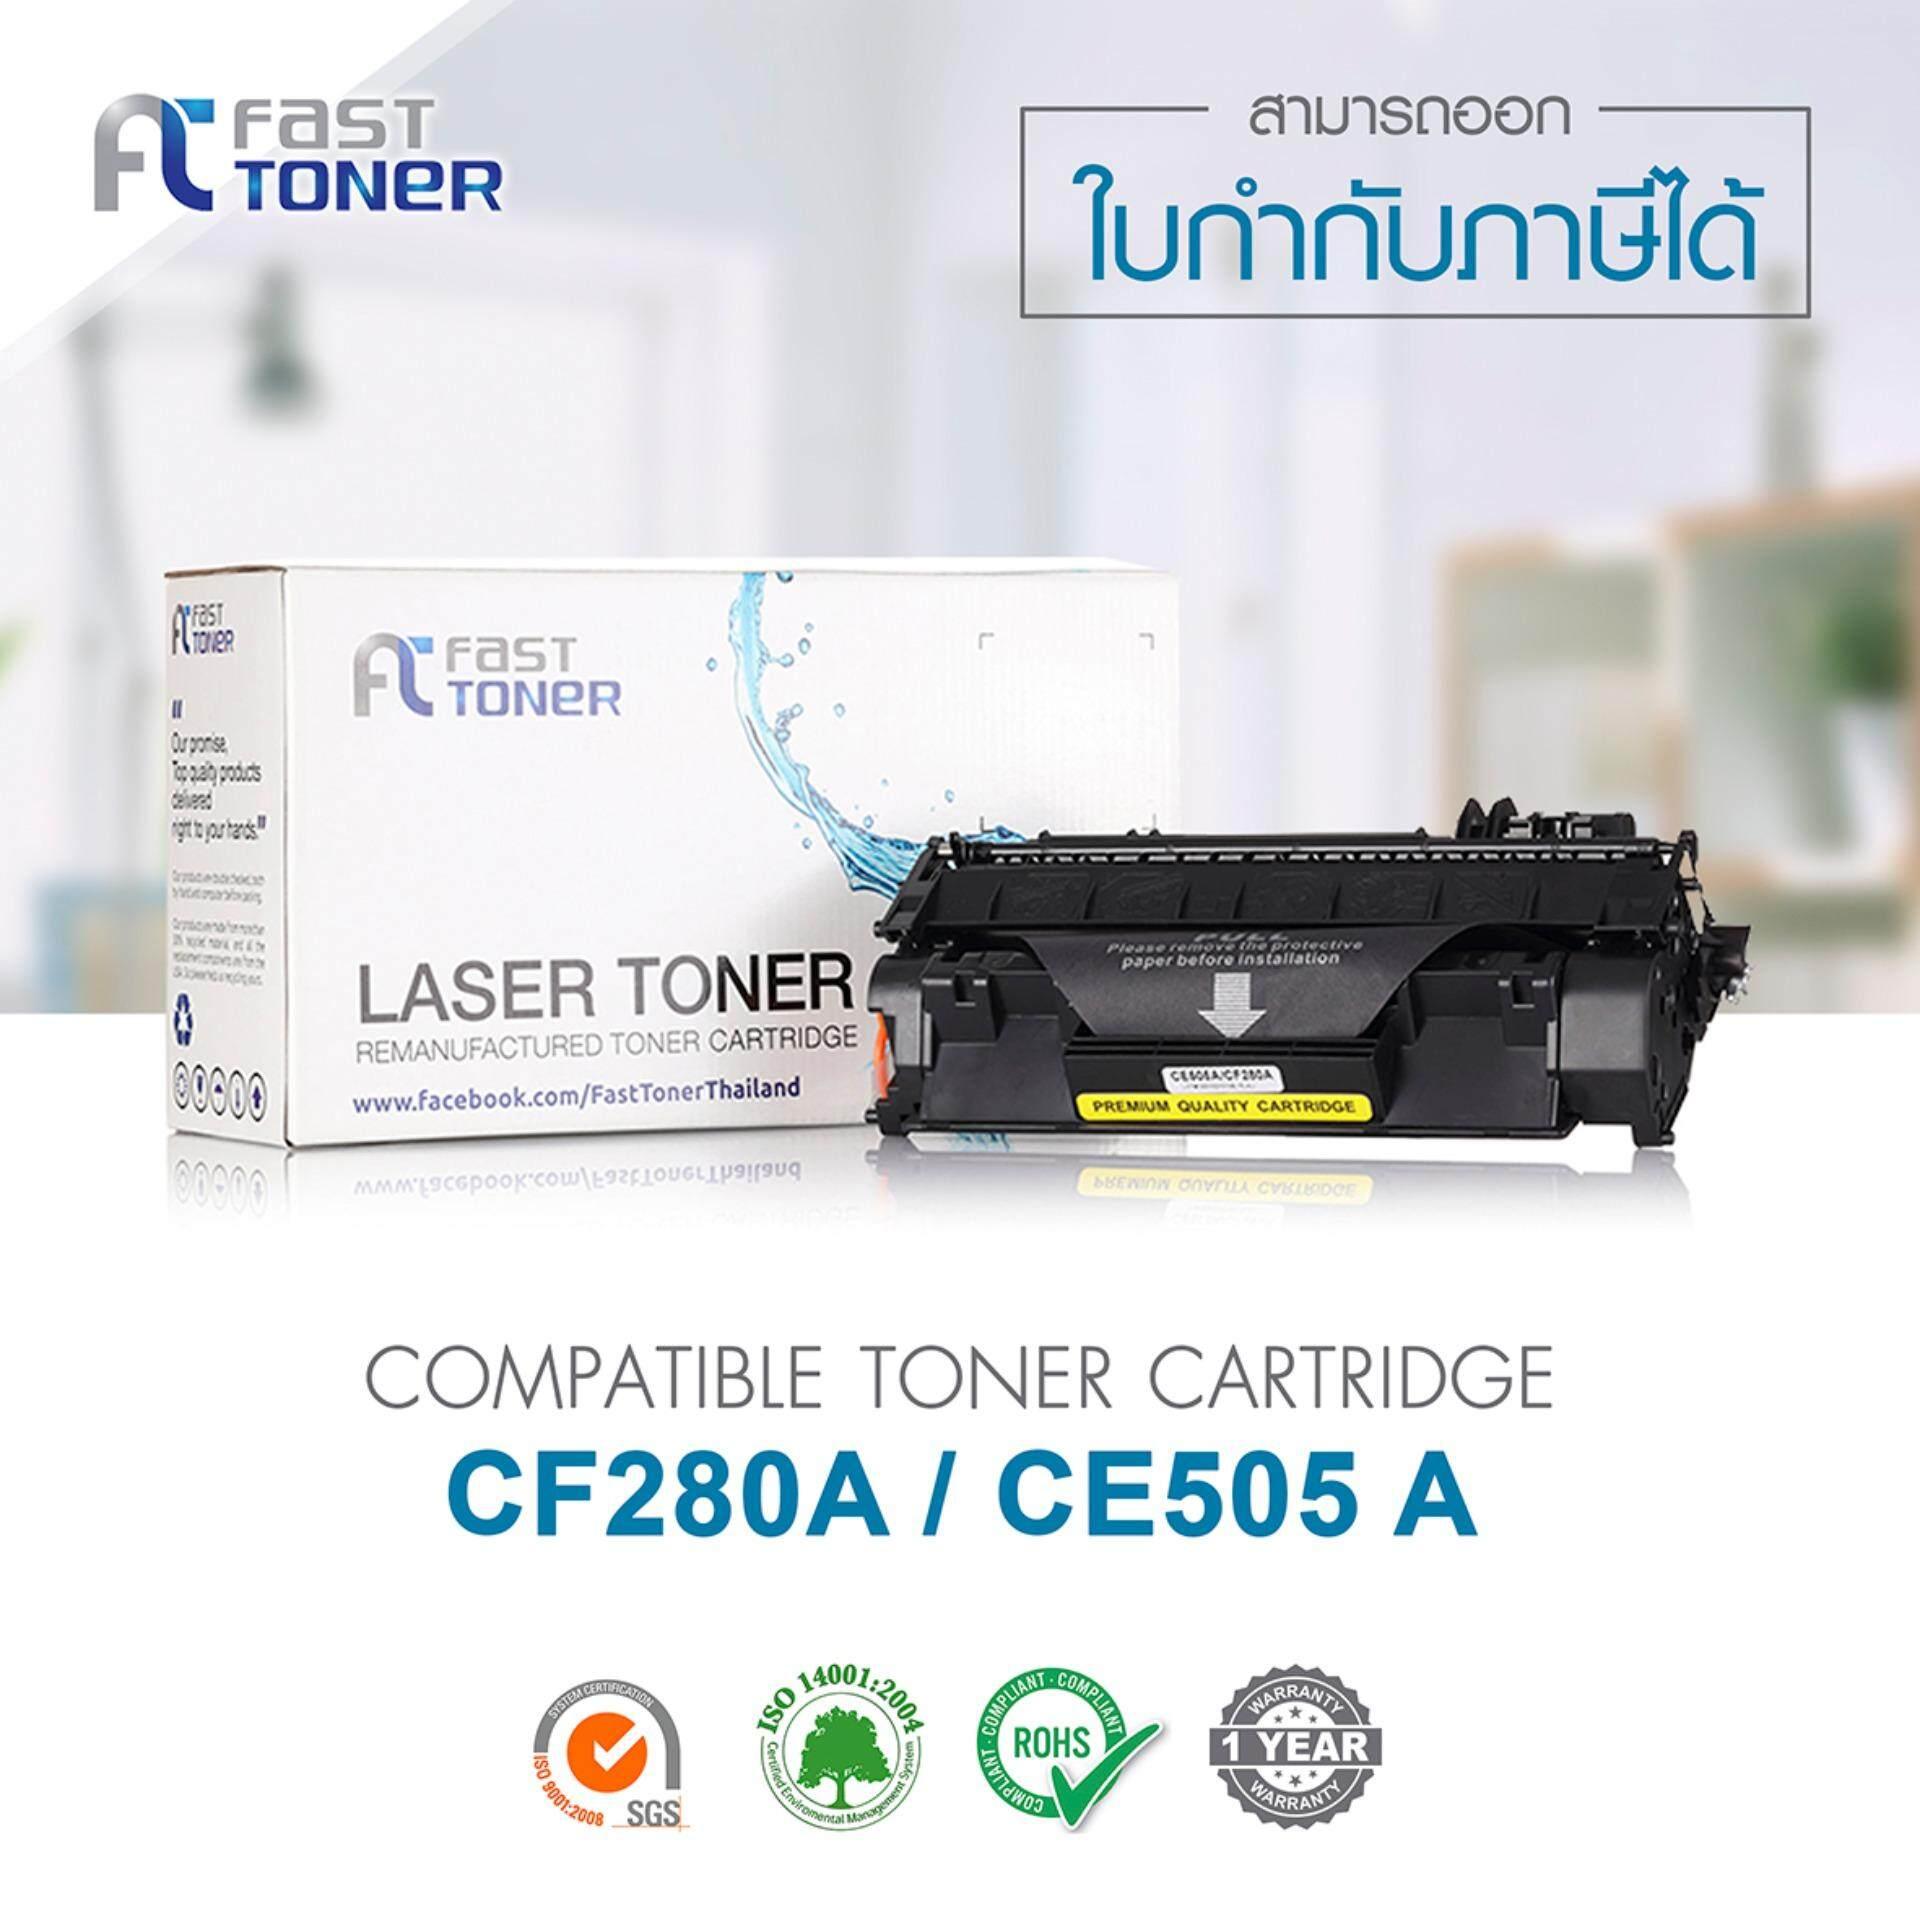 ขาย Hp หมึกพิมพ์ Toner รุ่น Ce505A Black 2 7K Fast Toner ออนไลน์